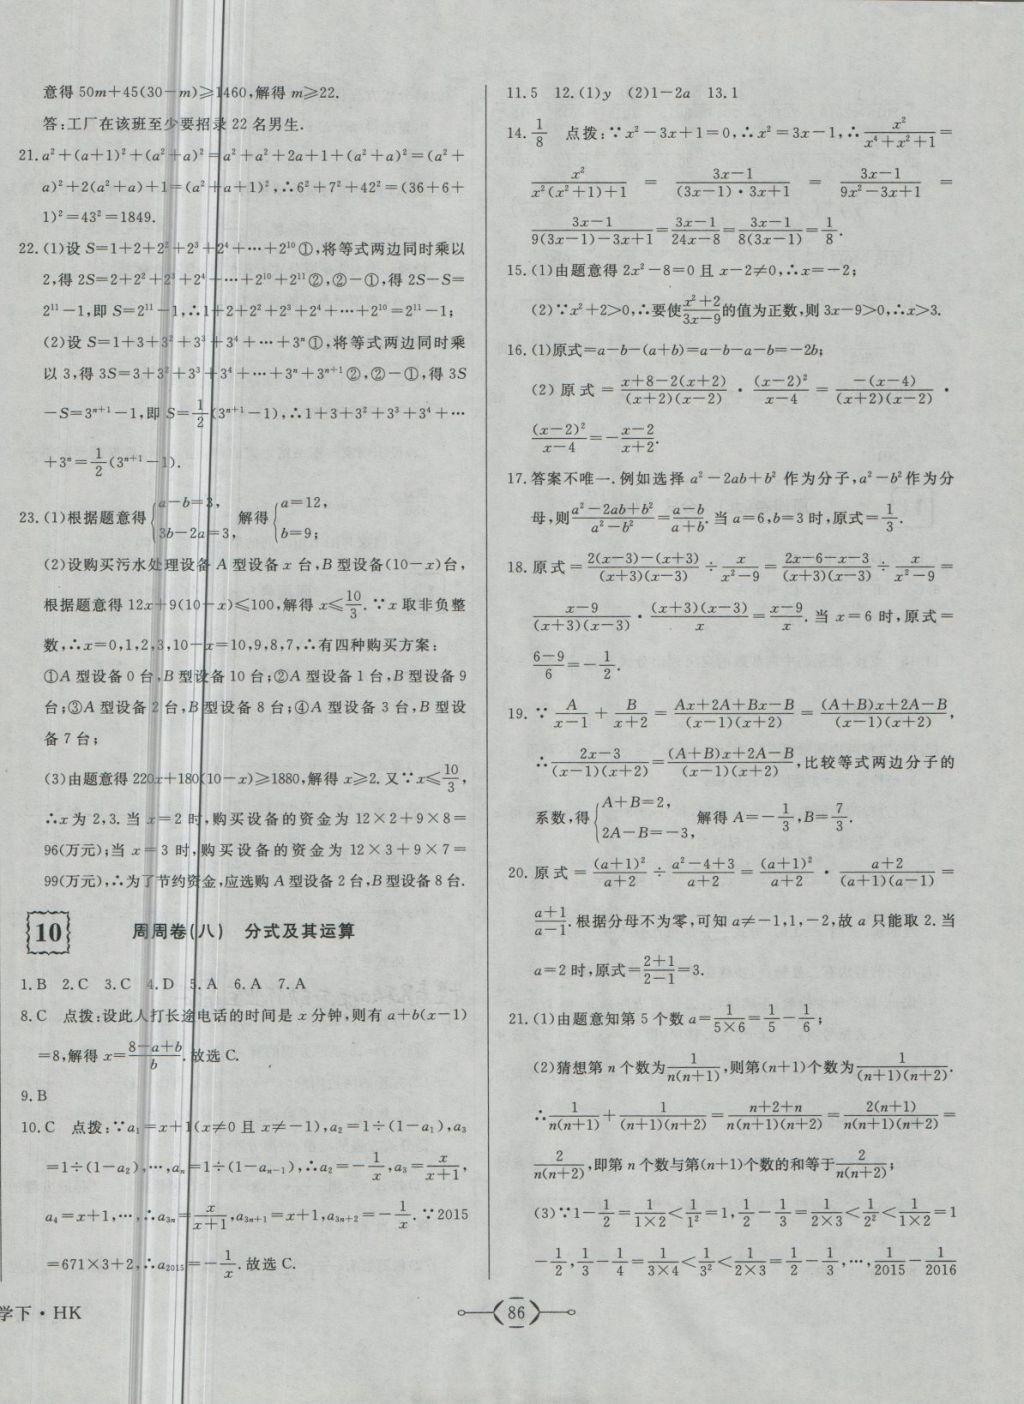 2018年优初中周周卷干线年级七下册数学沪科初中生摘抄100字图片